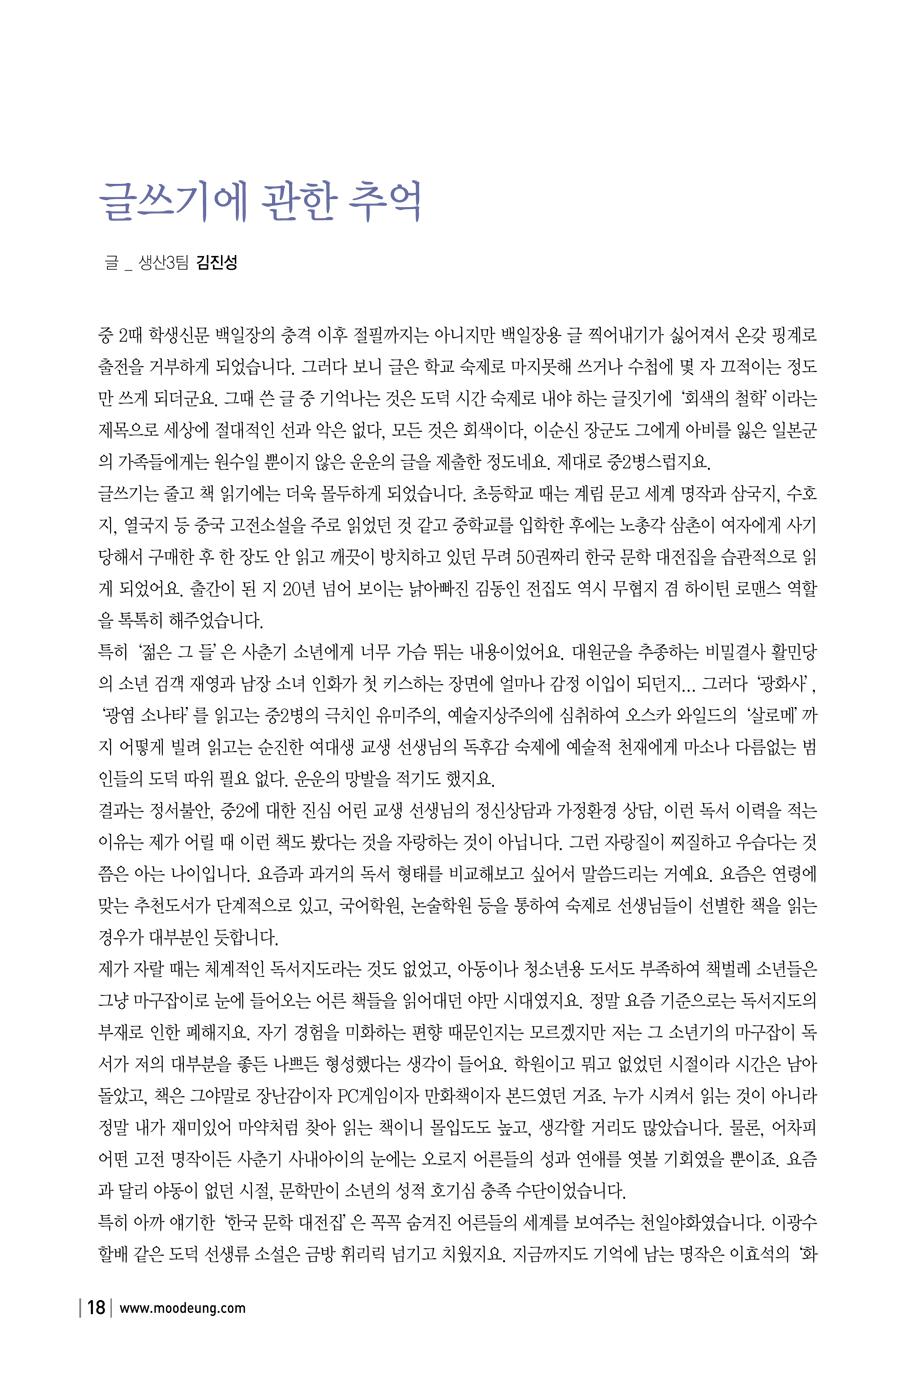 사보 59호(6차)-10 copy.JPG